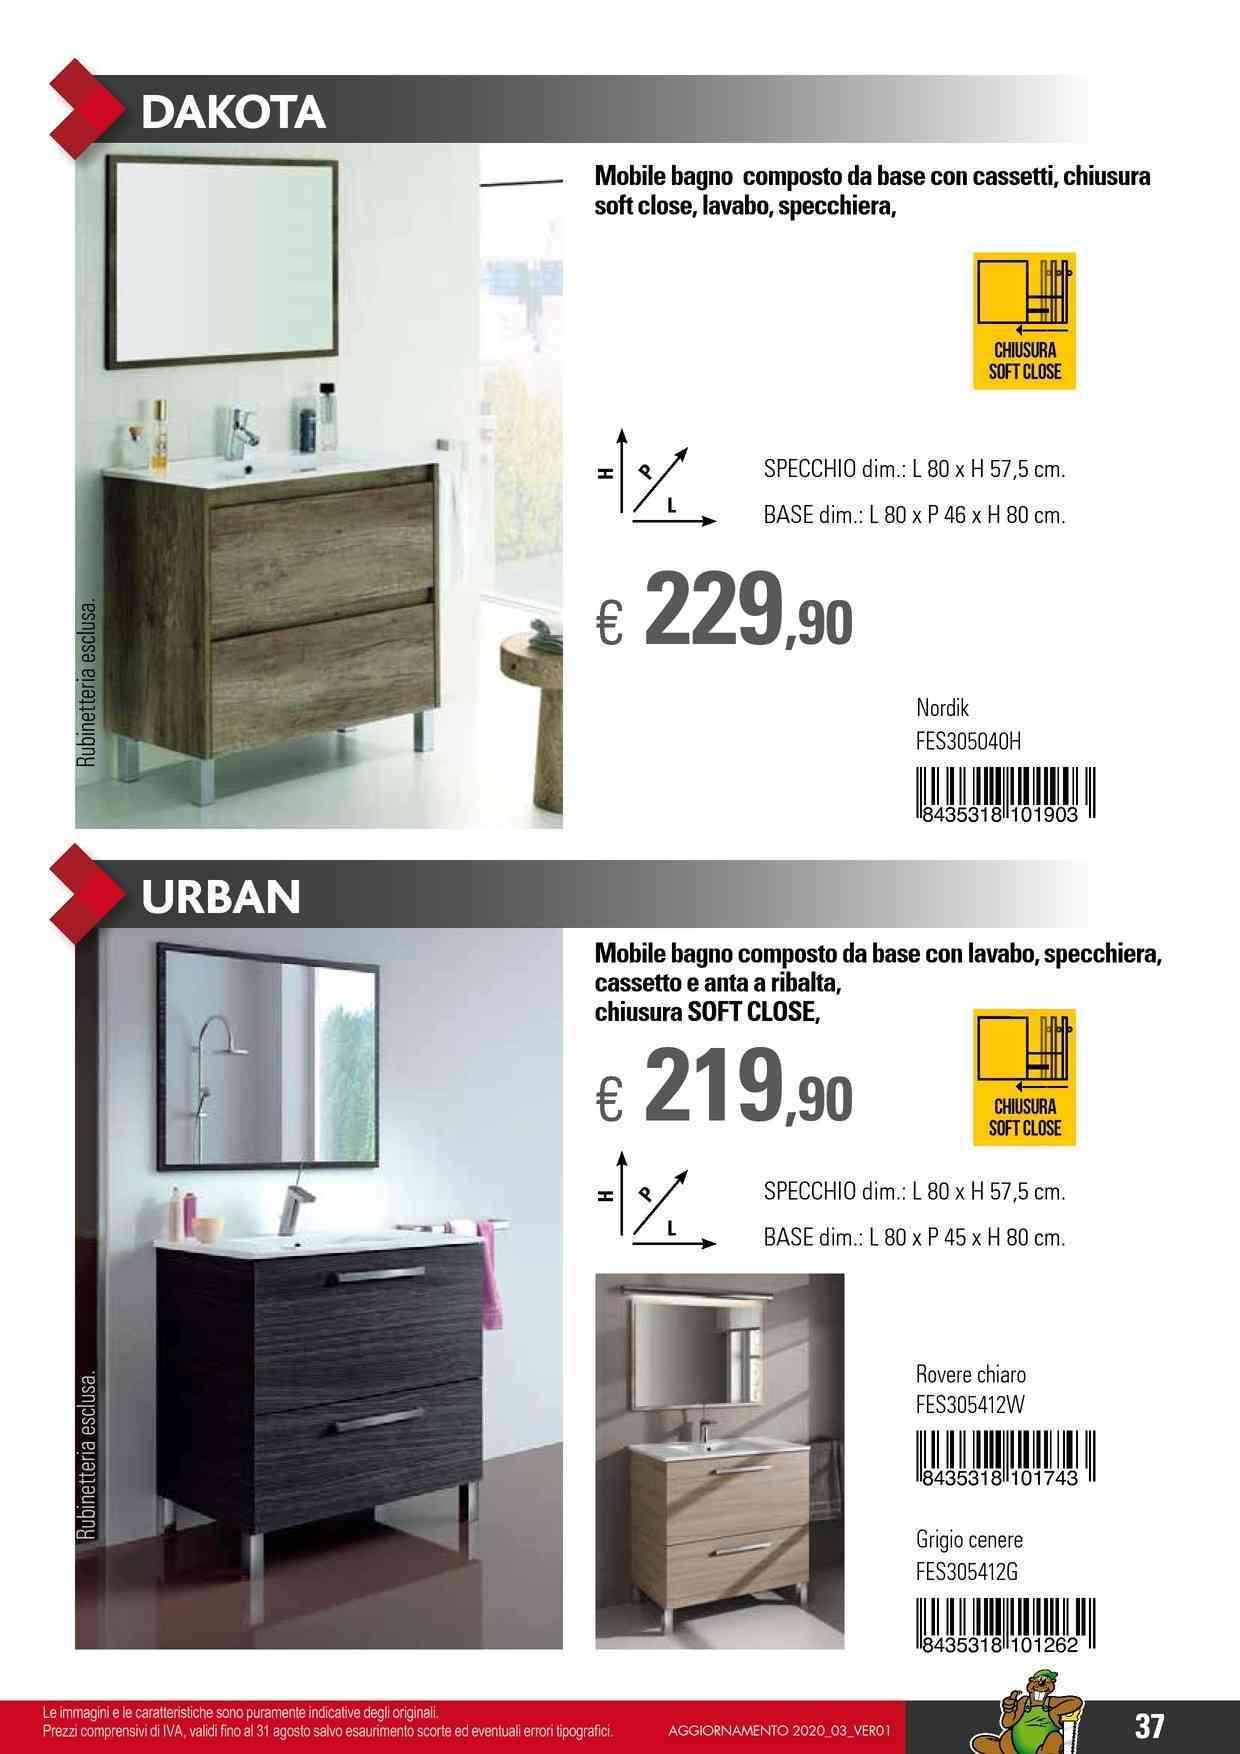 Arredamenti Rivarolo Canavese offerte mobili bagno a rivarolo canavese, negozi per